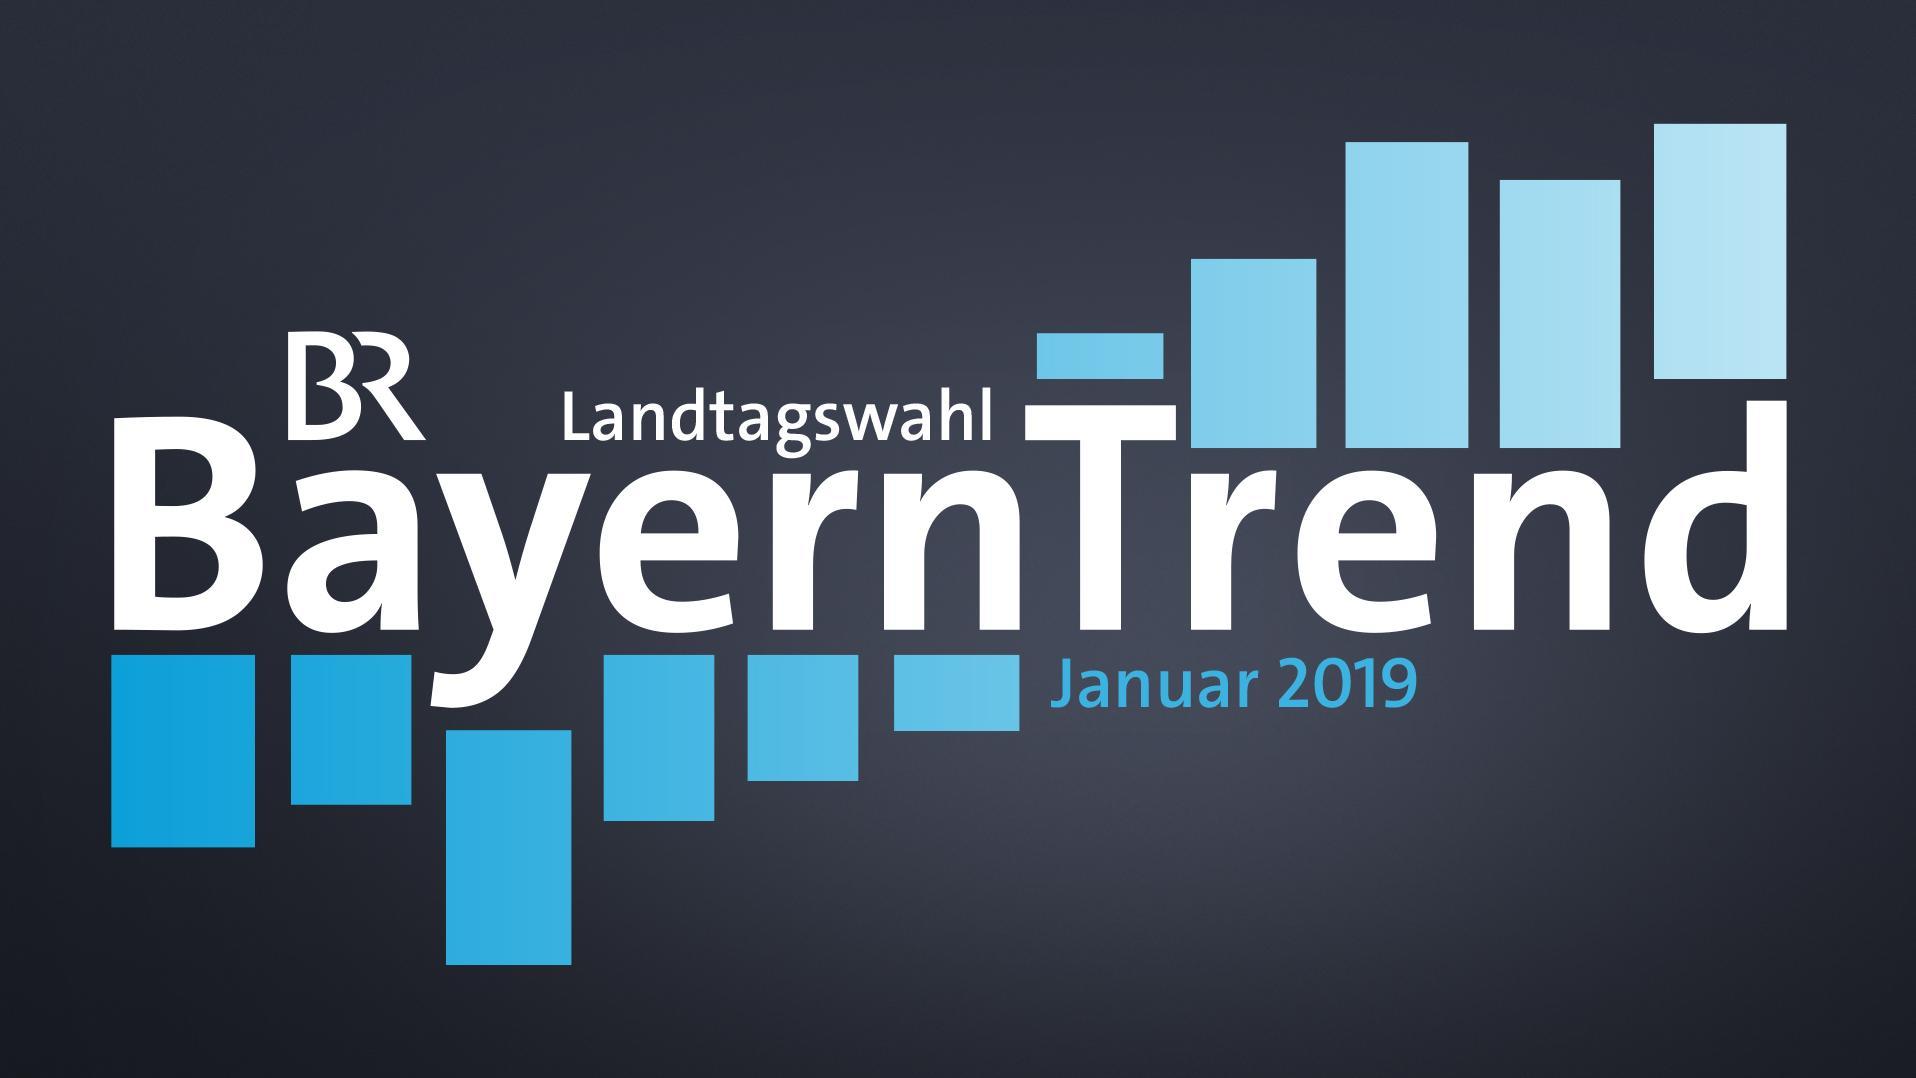 BR BayernTrend Landtagswahl